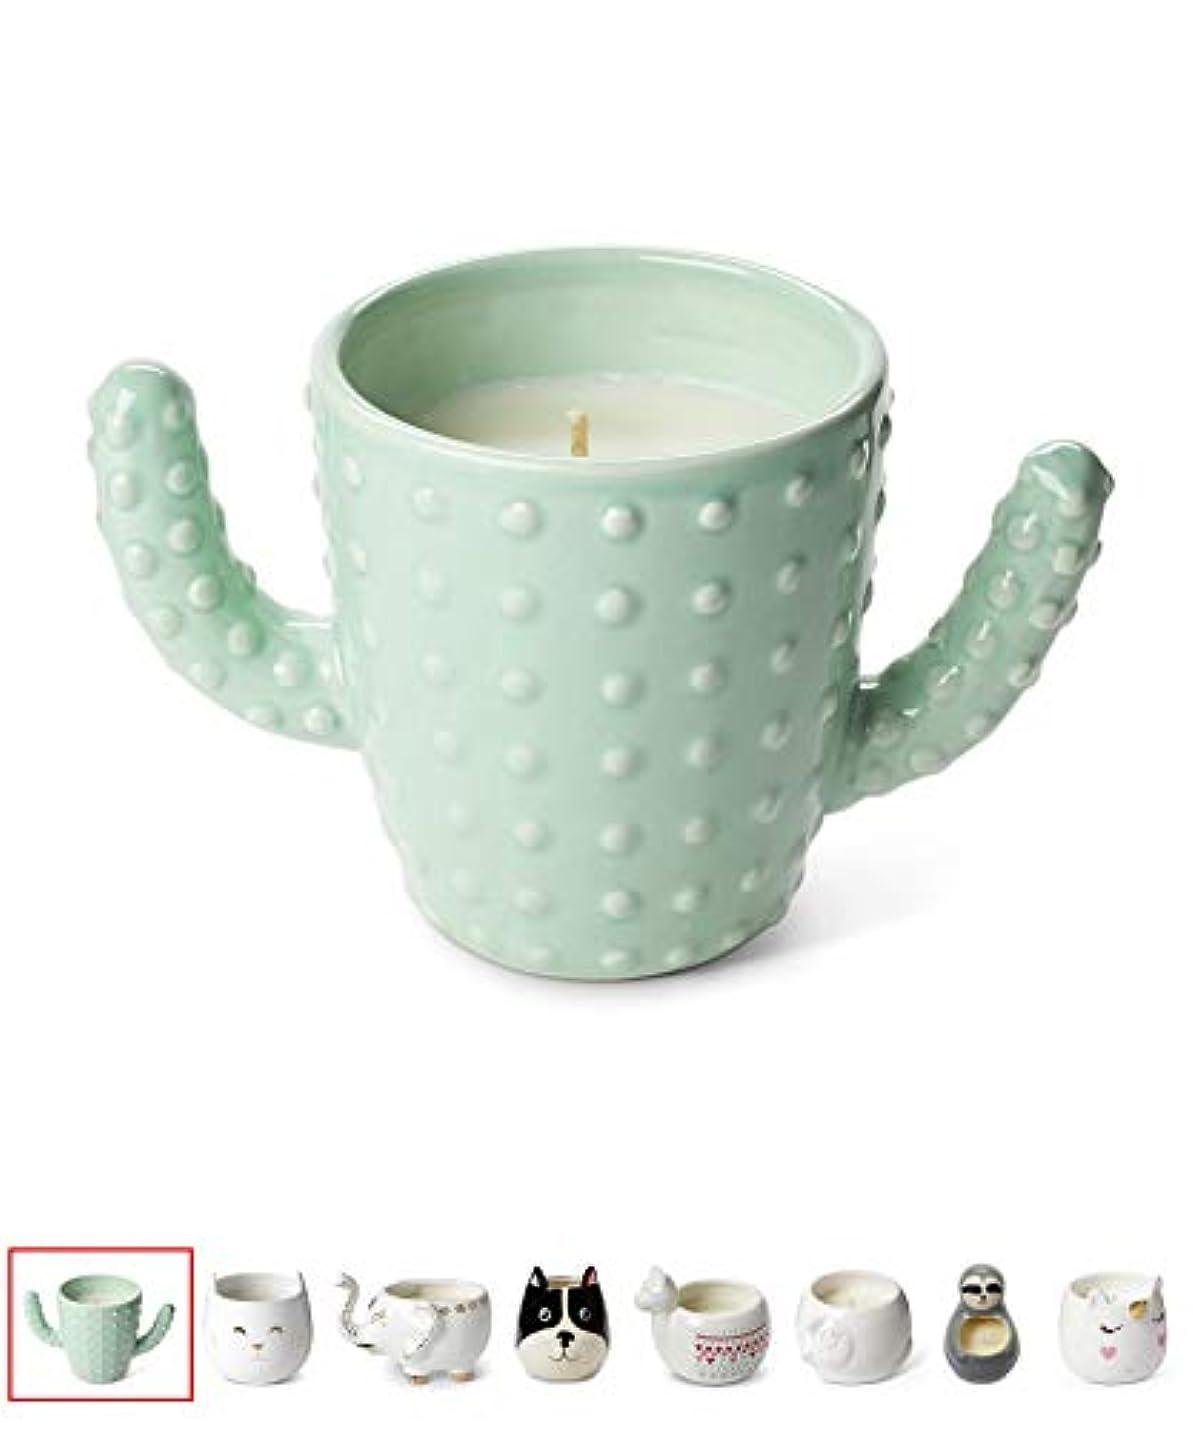 神学校登録図Tri-coastal Design Small Cute Scented Wax Candles Ceramic Cactus Shaped Candle for Aromatherapy, Stress Relief...